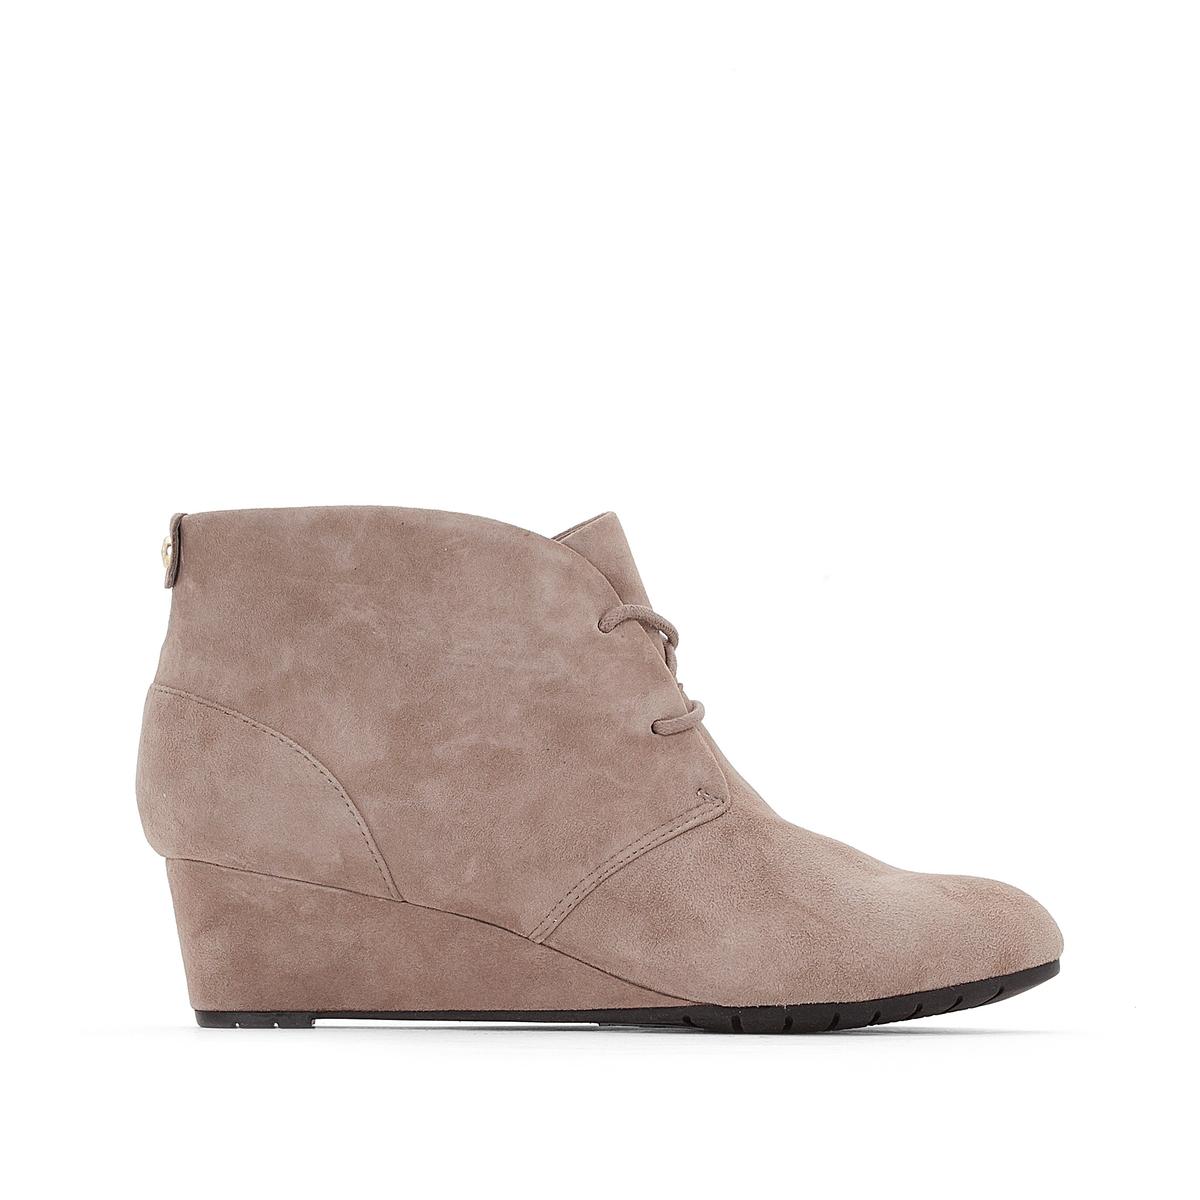 Ботинки кожаные  Vendra PeakВерх : Кожа.   Подкладка : синтетика   Стелька : Кожа.   Подошва : Каучук   Высота каблука : 4 см   Форма каблука : танкетка   Мысок : закругленный   Застежка : Шнуровка<br><br>Цвет: серо-коричневый<br>Размер: 37